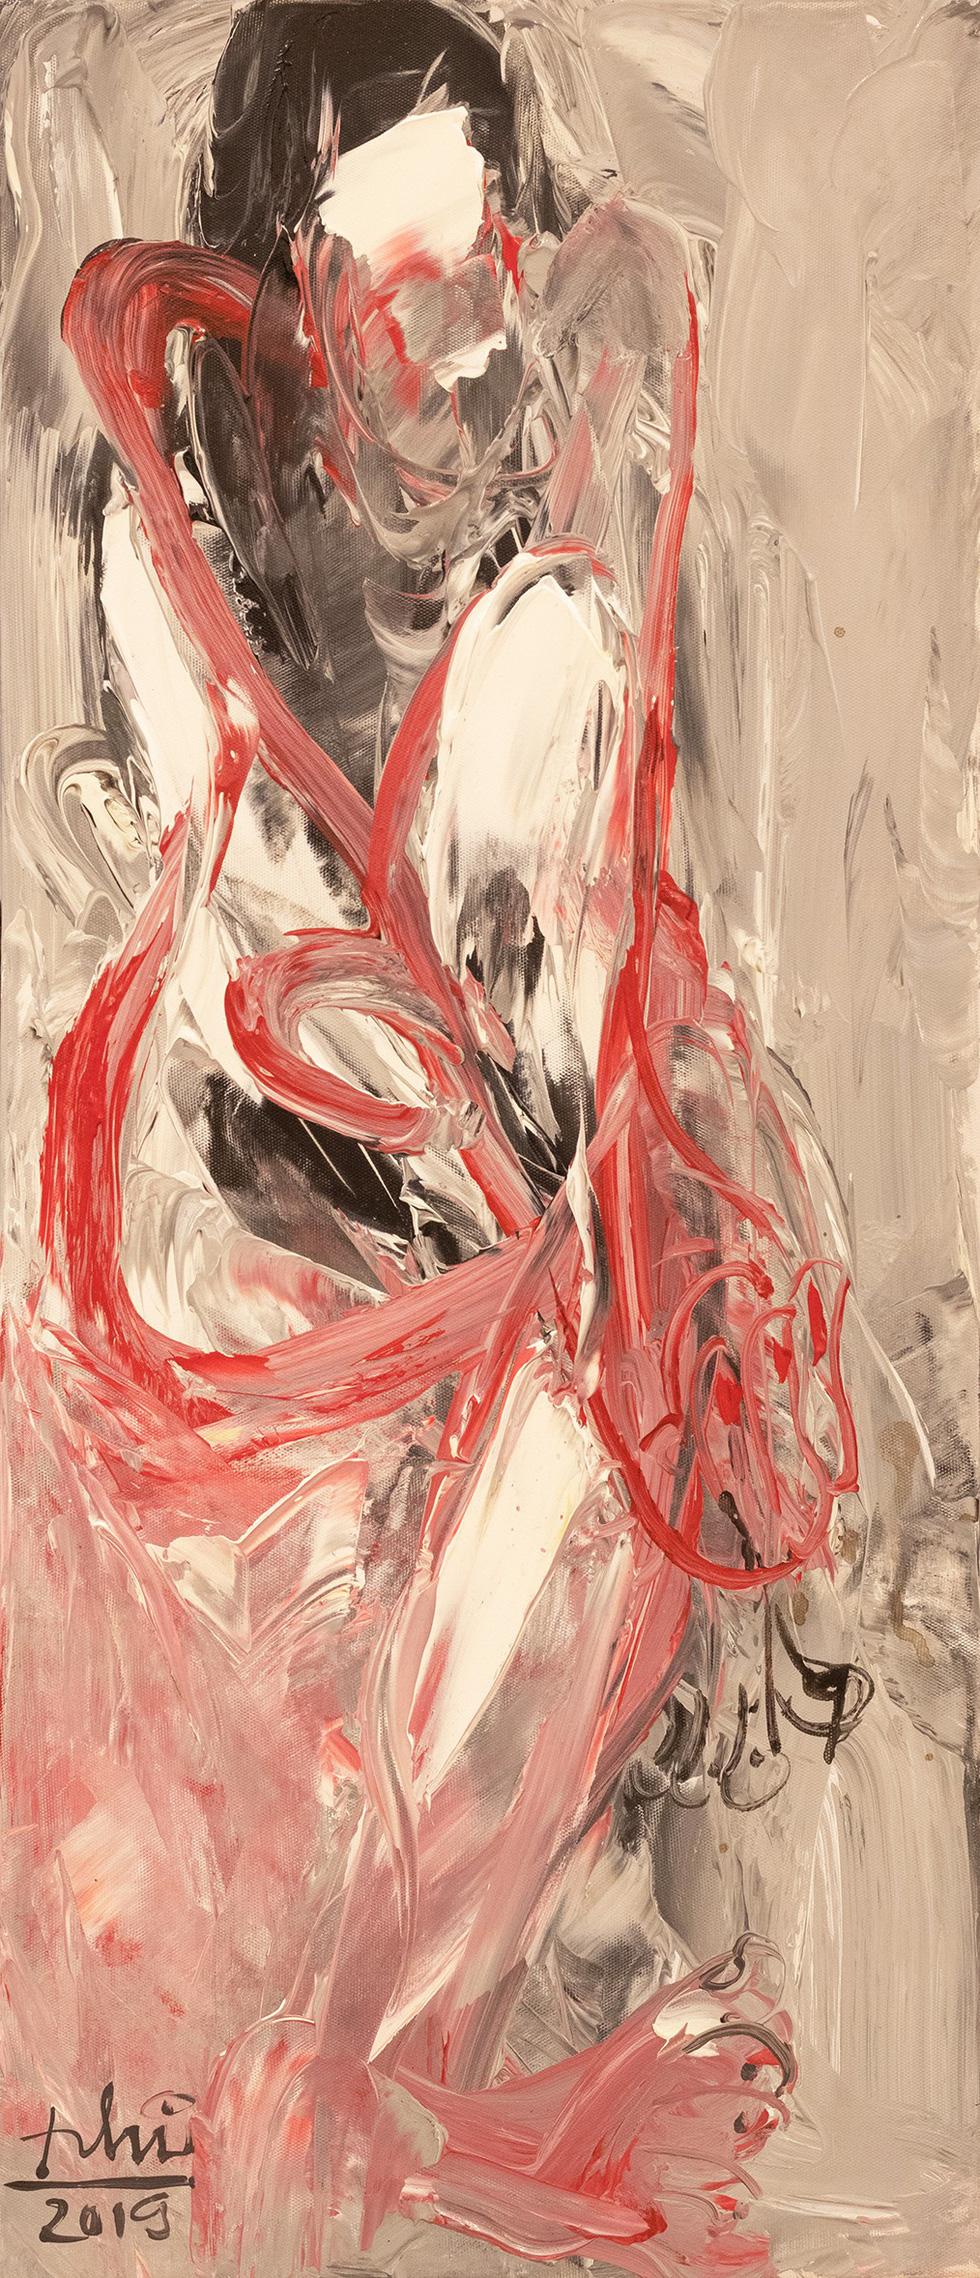 Lần đầu tiên dự án nghệ thuật khép kín: triển lãm nude Trang - Ảnh 6.